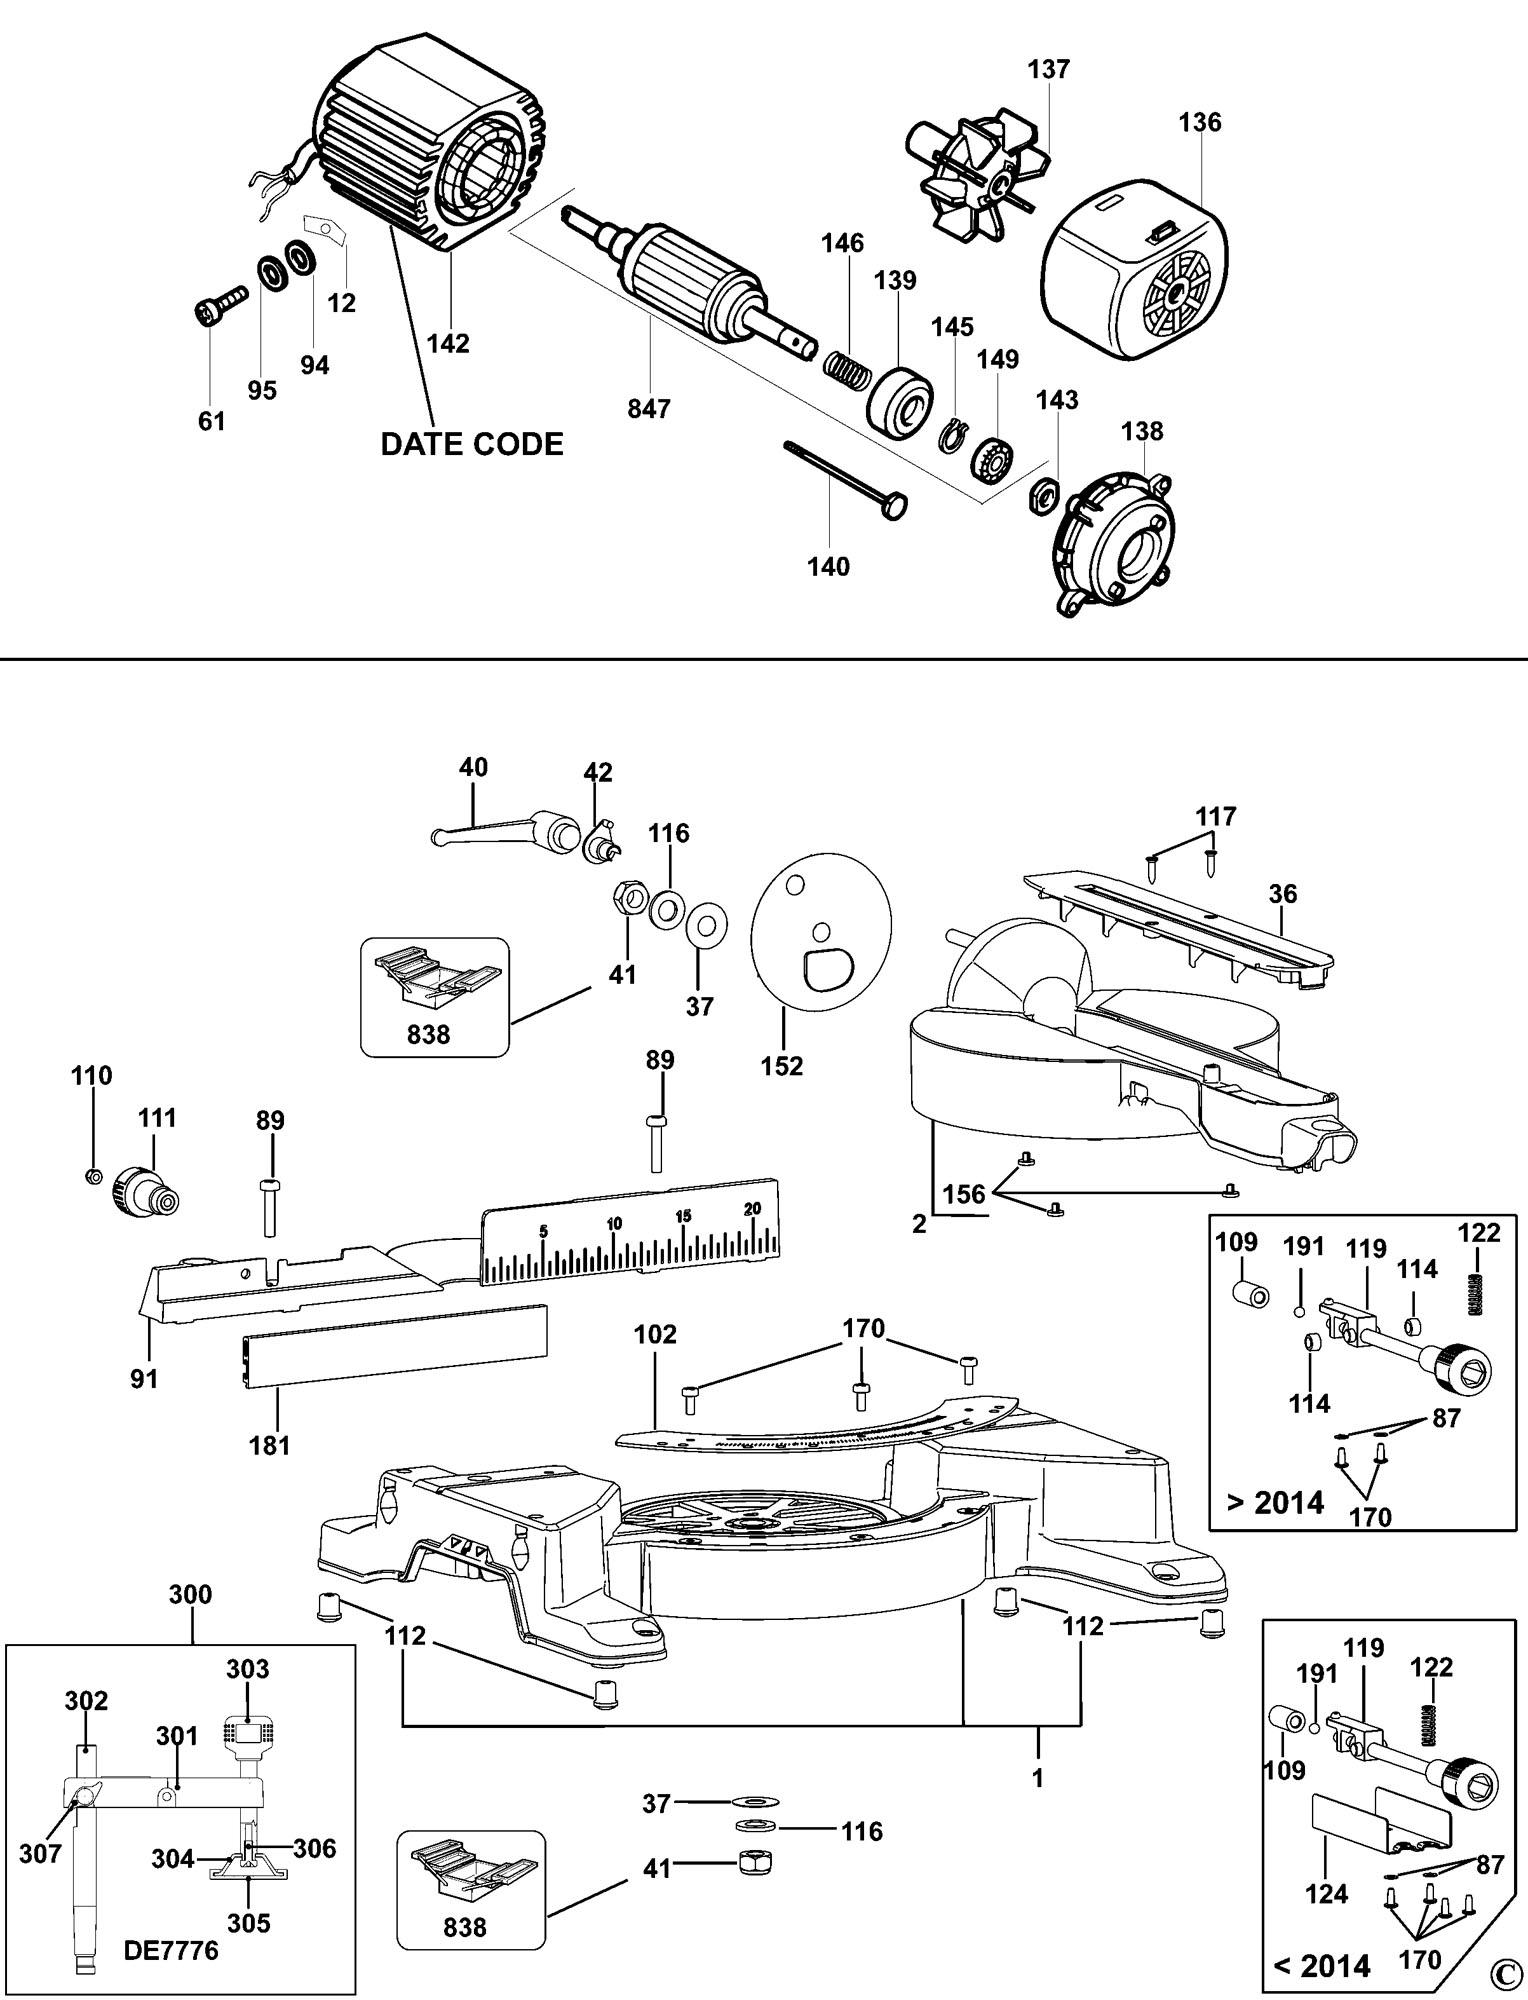 spares for dewalt dw711 mitre saw  type 7  spare dw711